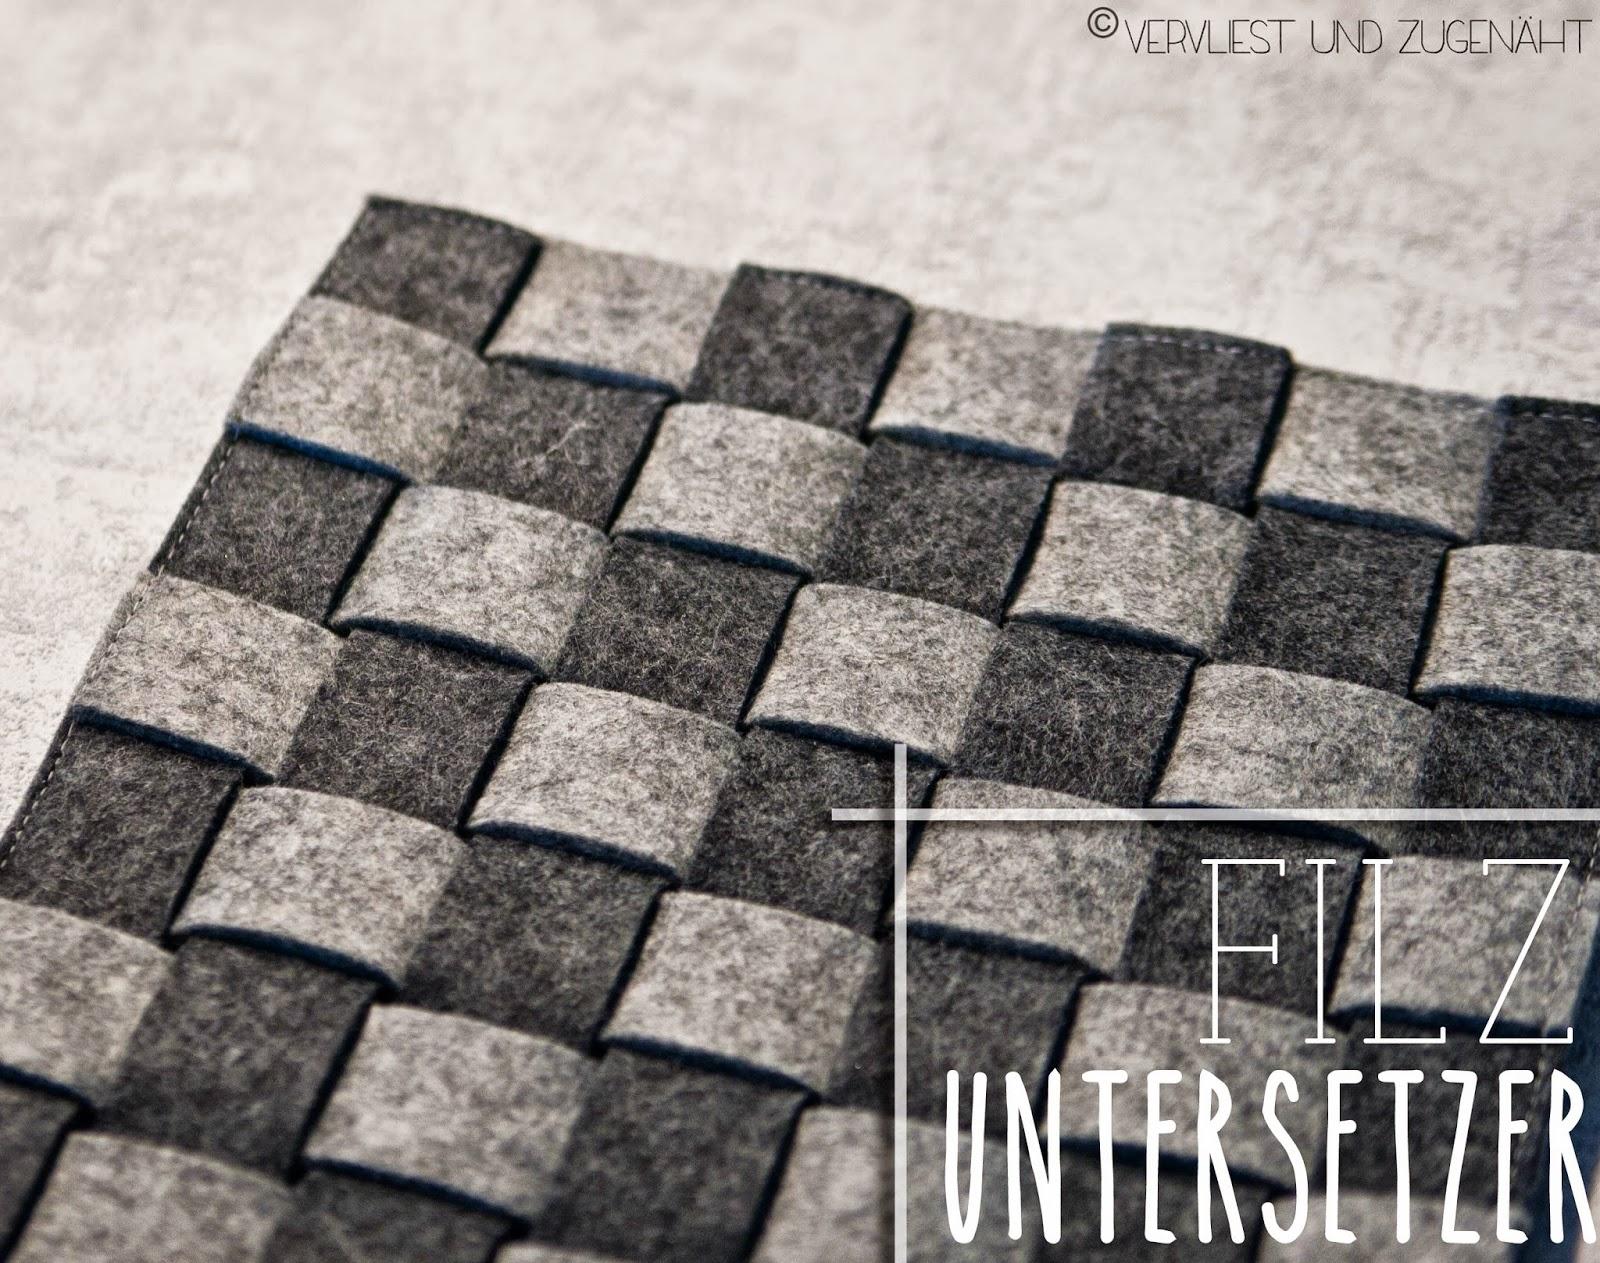 vervliest und zugen ht schachbrett untersetzer aus filz. Black Bedroom Furniture Sets. Home Design Ideas